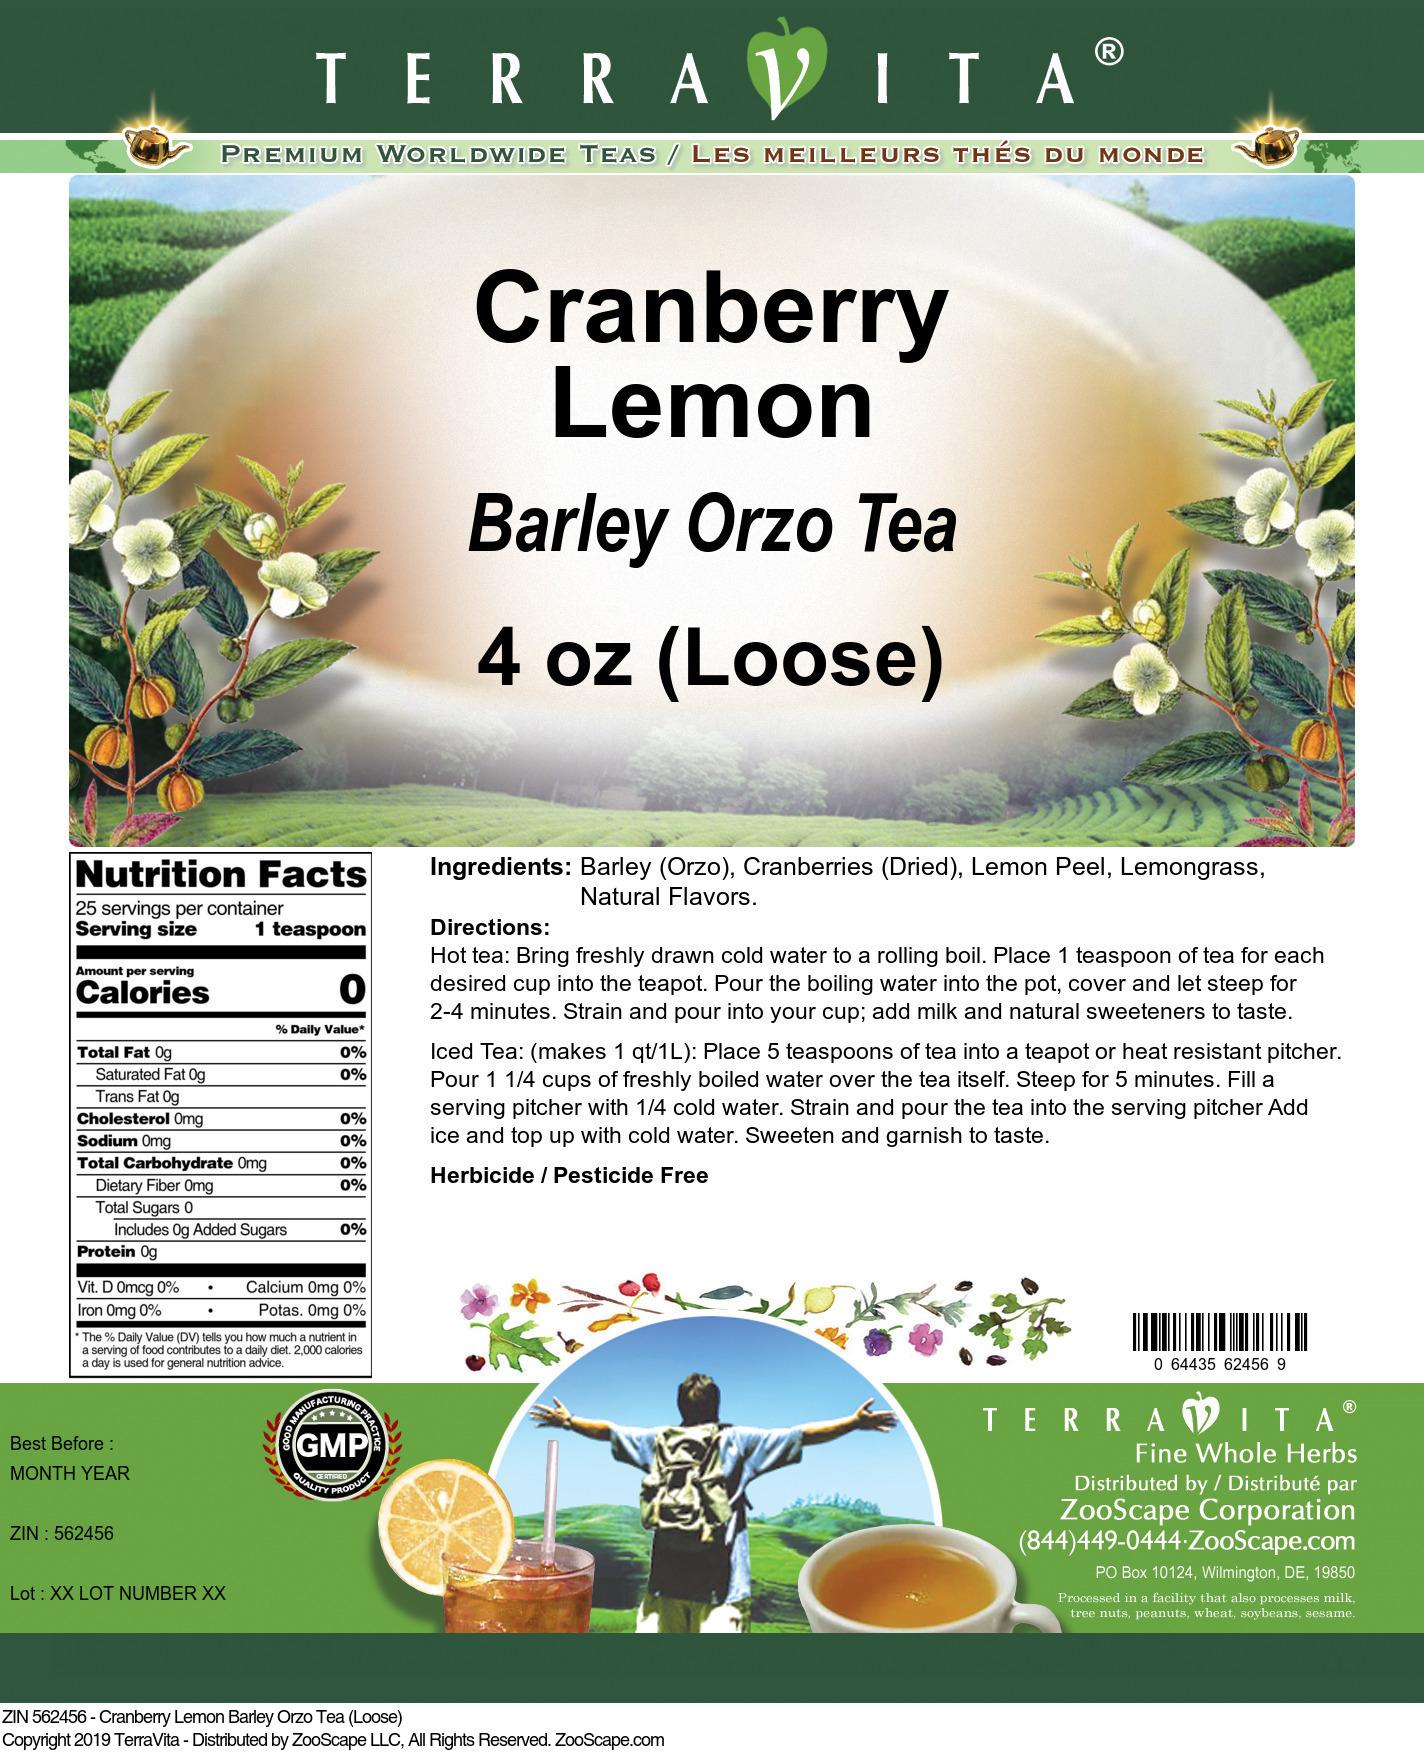 Cranberry Lemon Barley Orzo Tea (Loose)